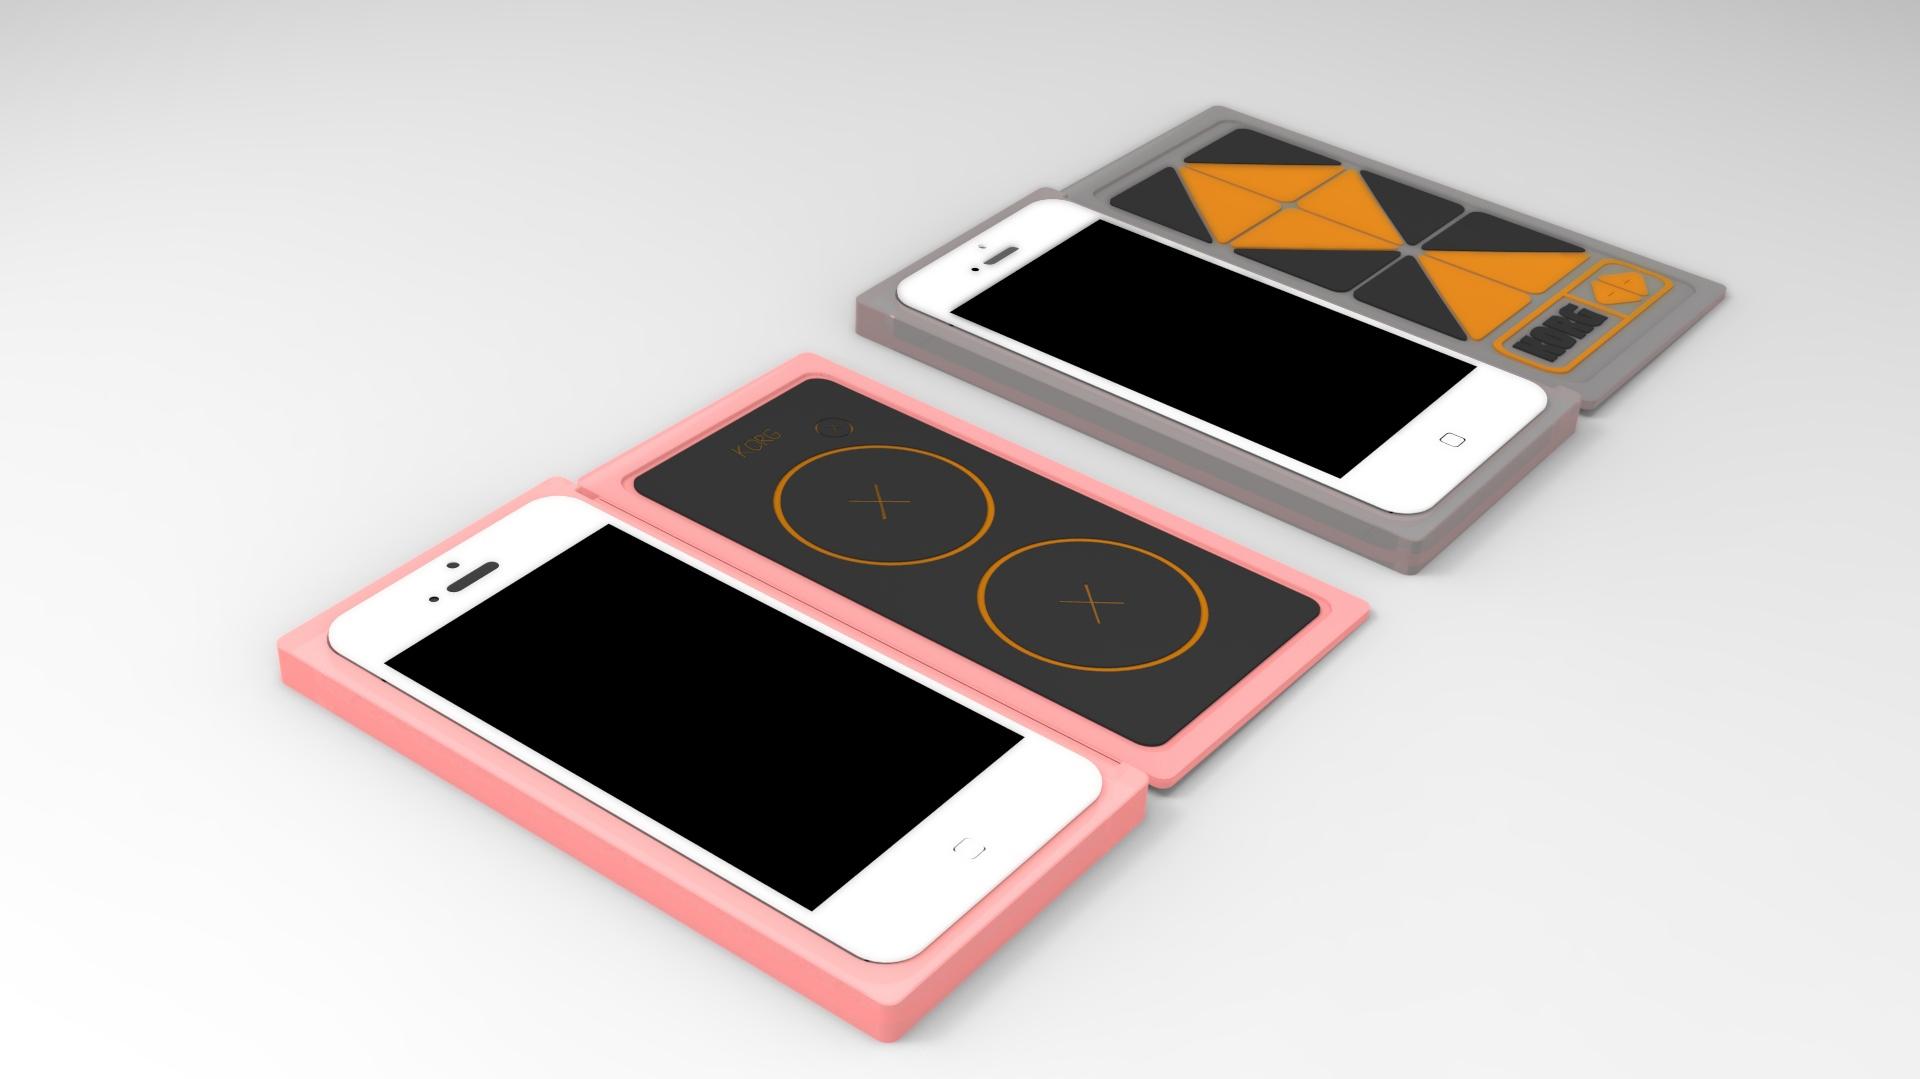 twoiphones copy.jpg